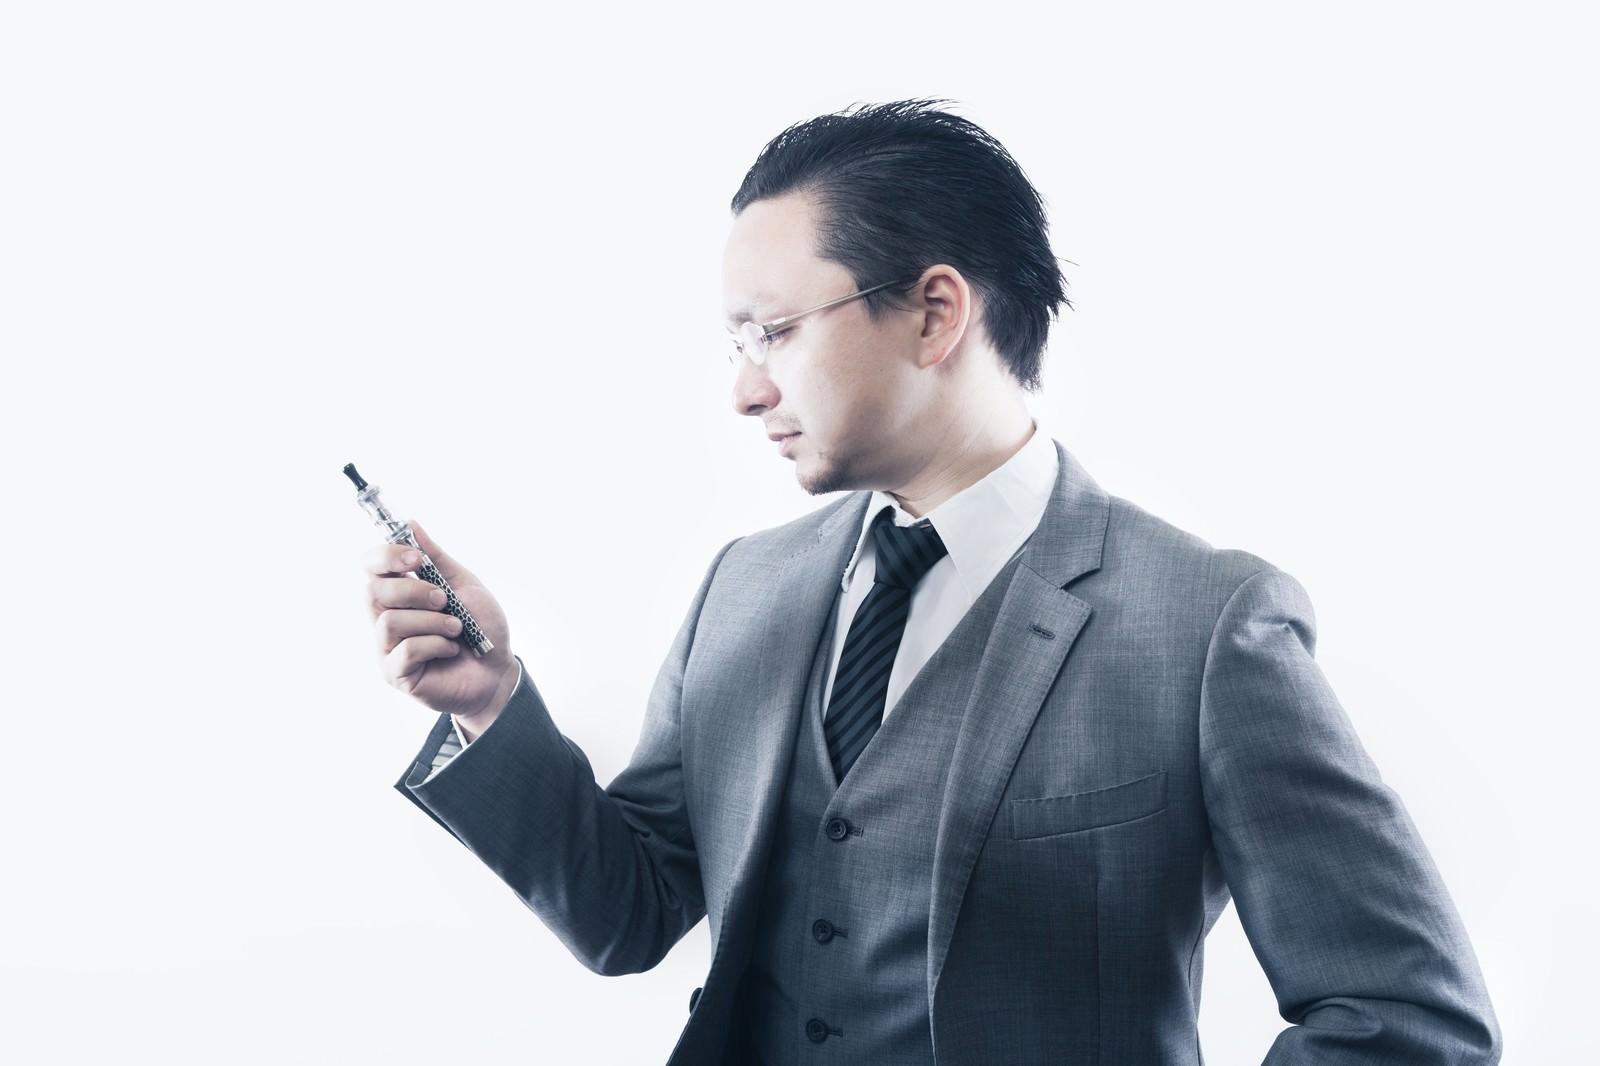 【年代別】転職での失敗談|後悔/50代/タクシー/農業